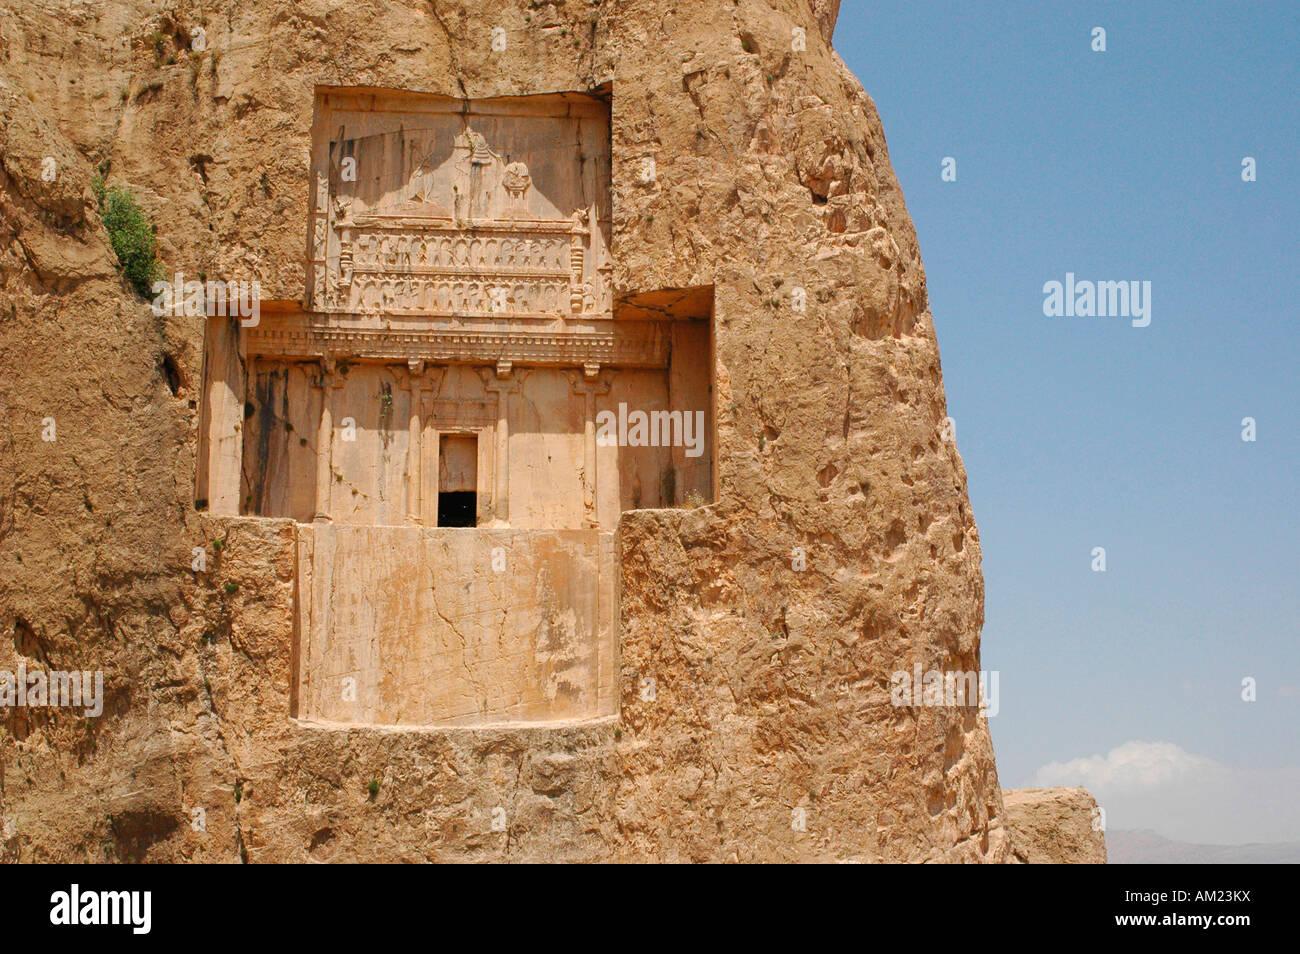 Darius II of Persia tomb in Naqsh e Rustam IRAN Stock Photo